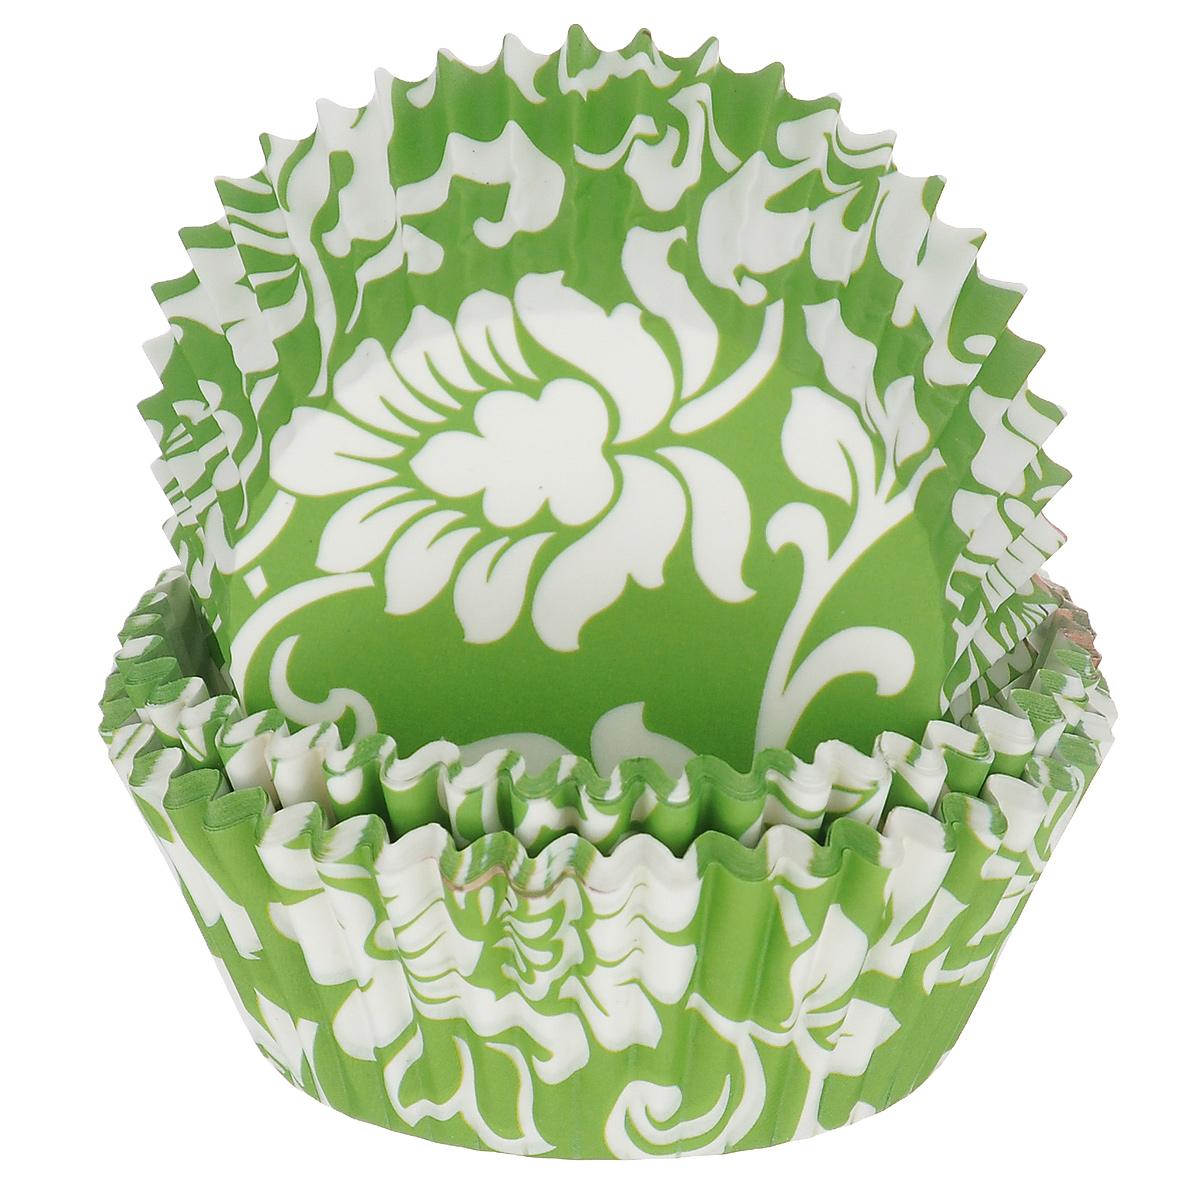 Набор бумажных форм для кексов Dolce Arti Цветочный узор, цвет: зеленый, белый, диаметр дна 5 см, 50 штDA080214Набор Dolce Arti Цветочный узор состоит из 50 бумажных форм для кексов, оформленных цветочным узором. Они предназначены для выпечки и упаковки кондитерских изделий, также могут использоваться для сервировки орешков, конфет и много другого. Для одноразового применения. Гофрированные бумажные формы идеальны для выпечки кексов, булочек и пирожных. Высота стенки: 3 см. Диаметр по верхнему краю: 7 см. Диаметр дна: 5 см.